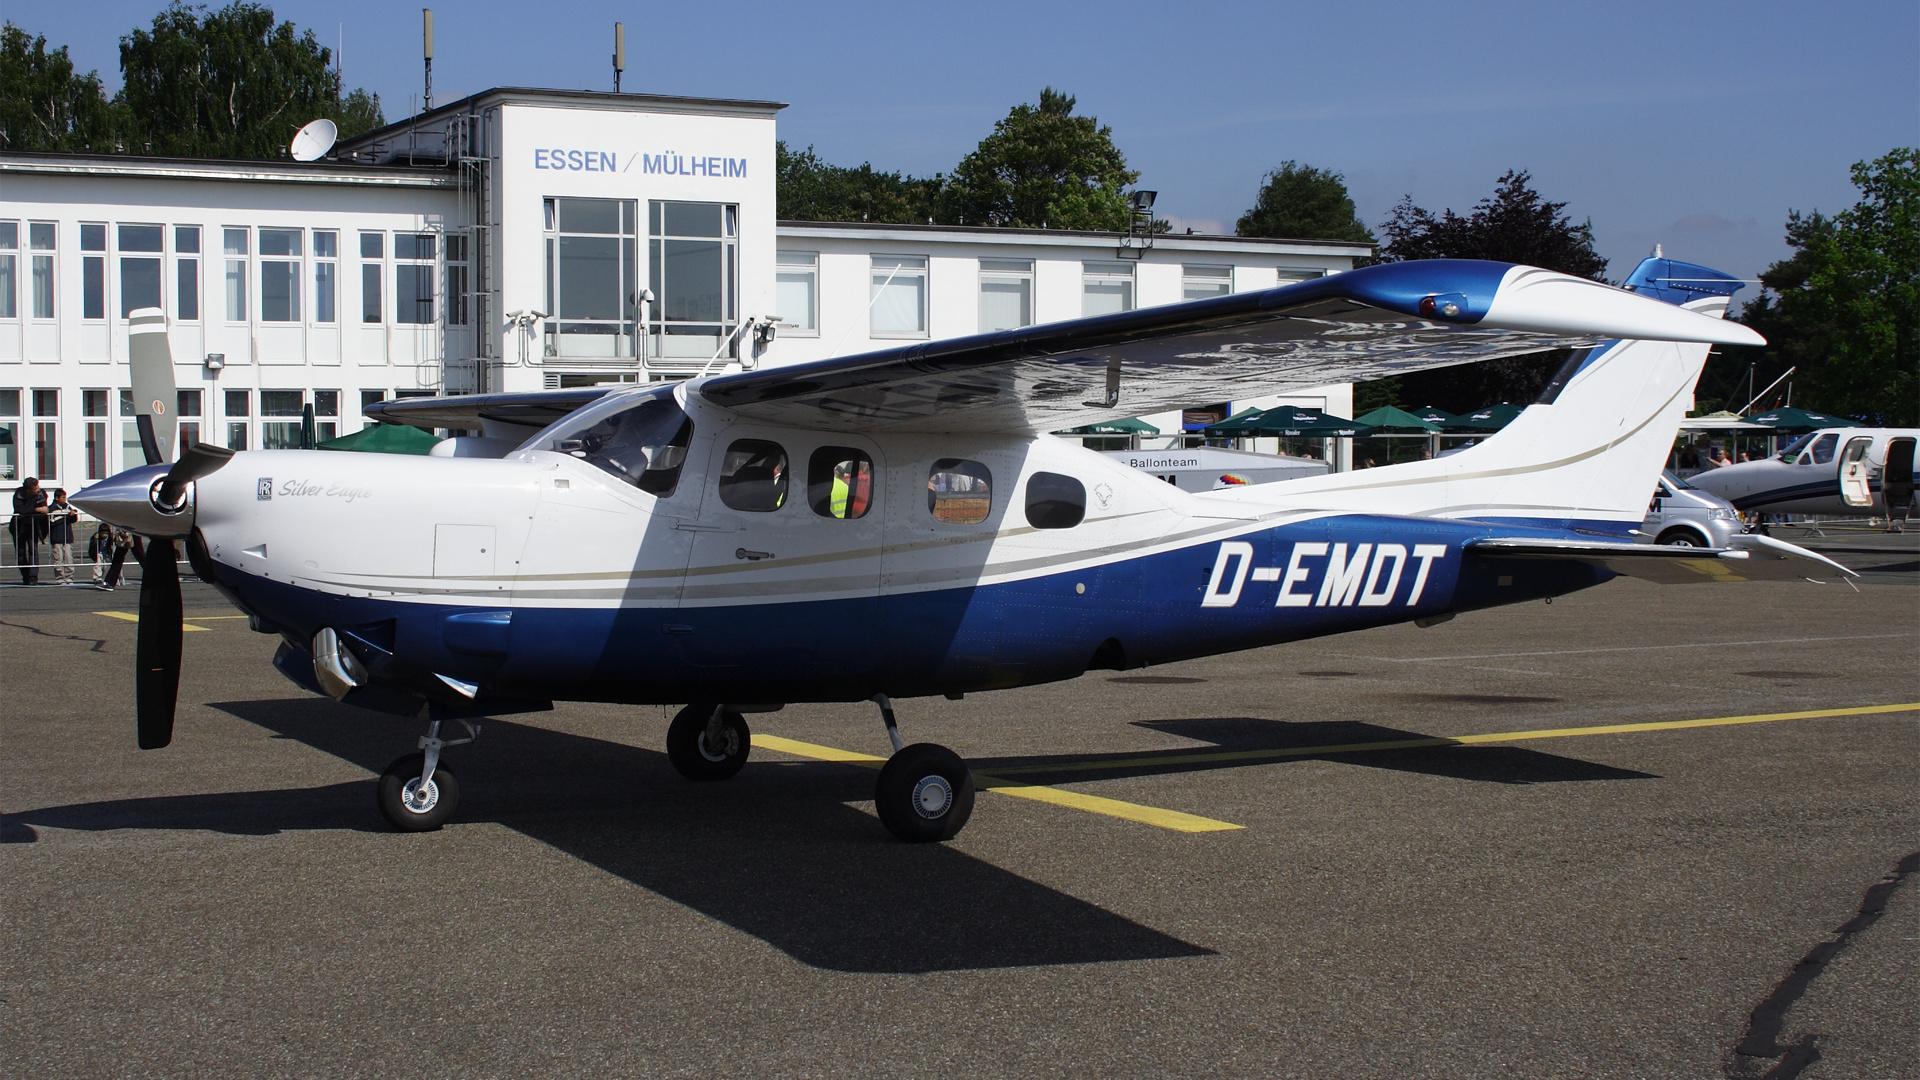 D-EMDT-1 C206 ESS 200806